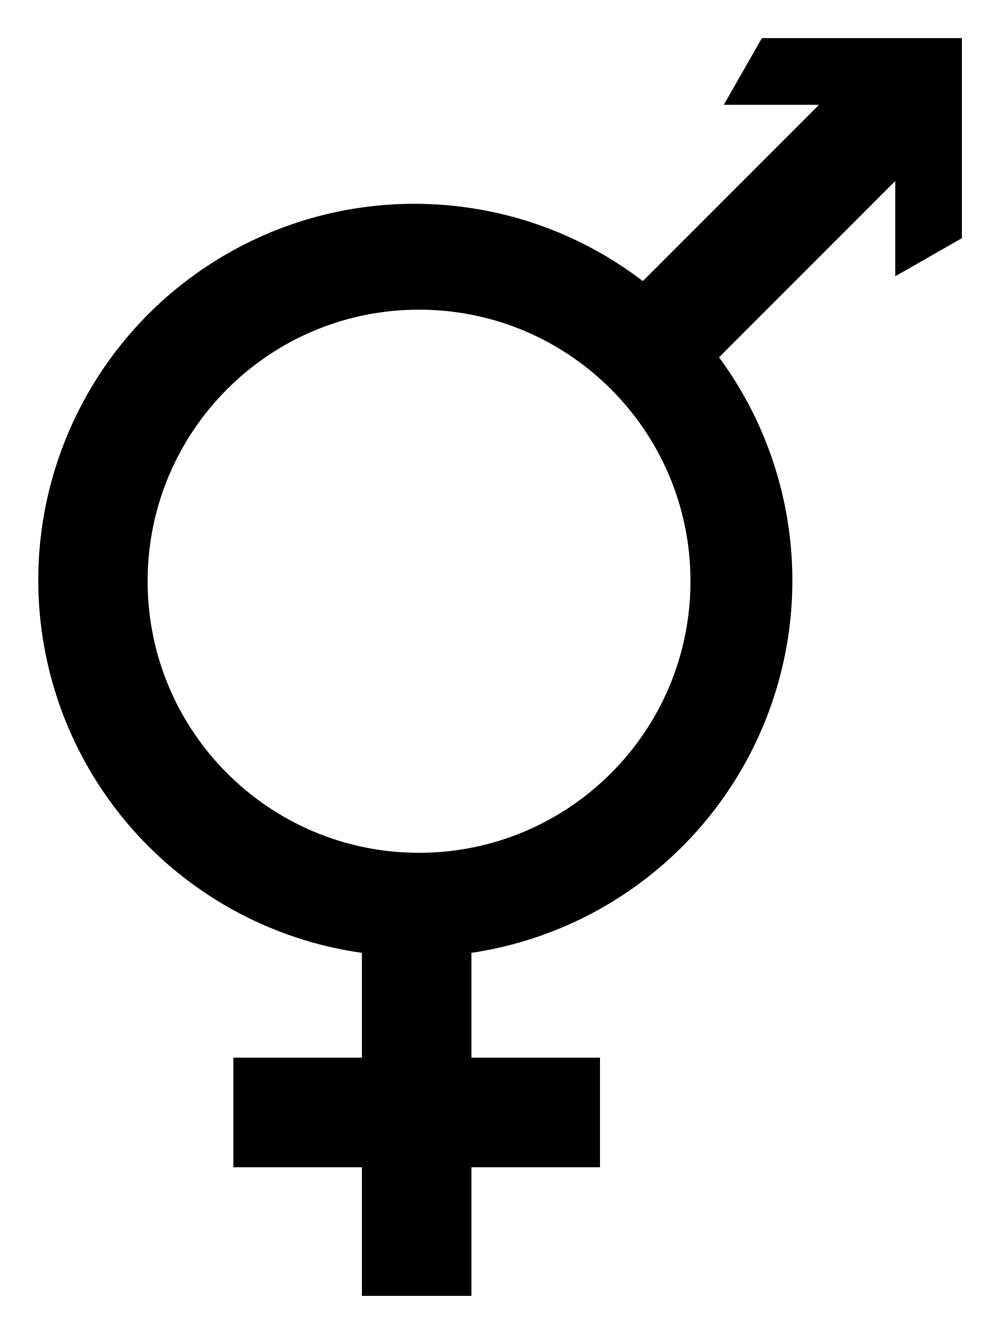 Bathroom Signs Transgender bathroom access for transgender community poses design challenge